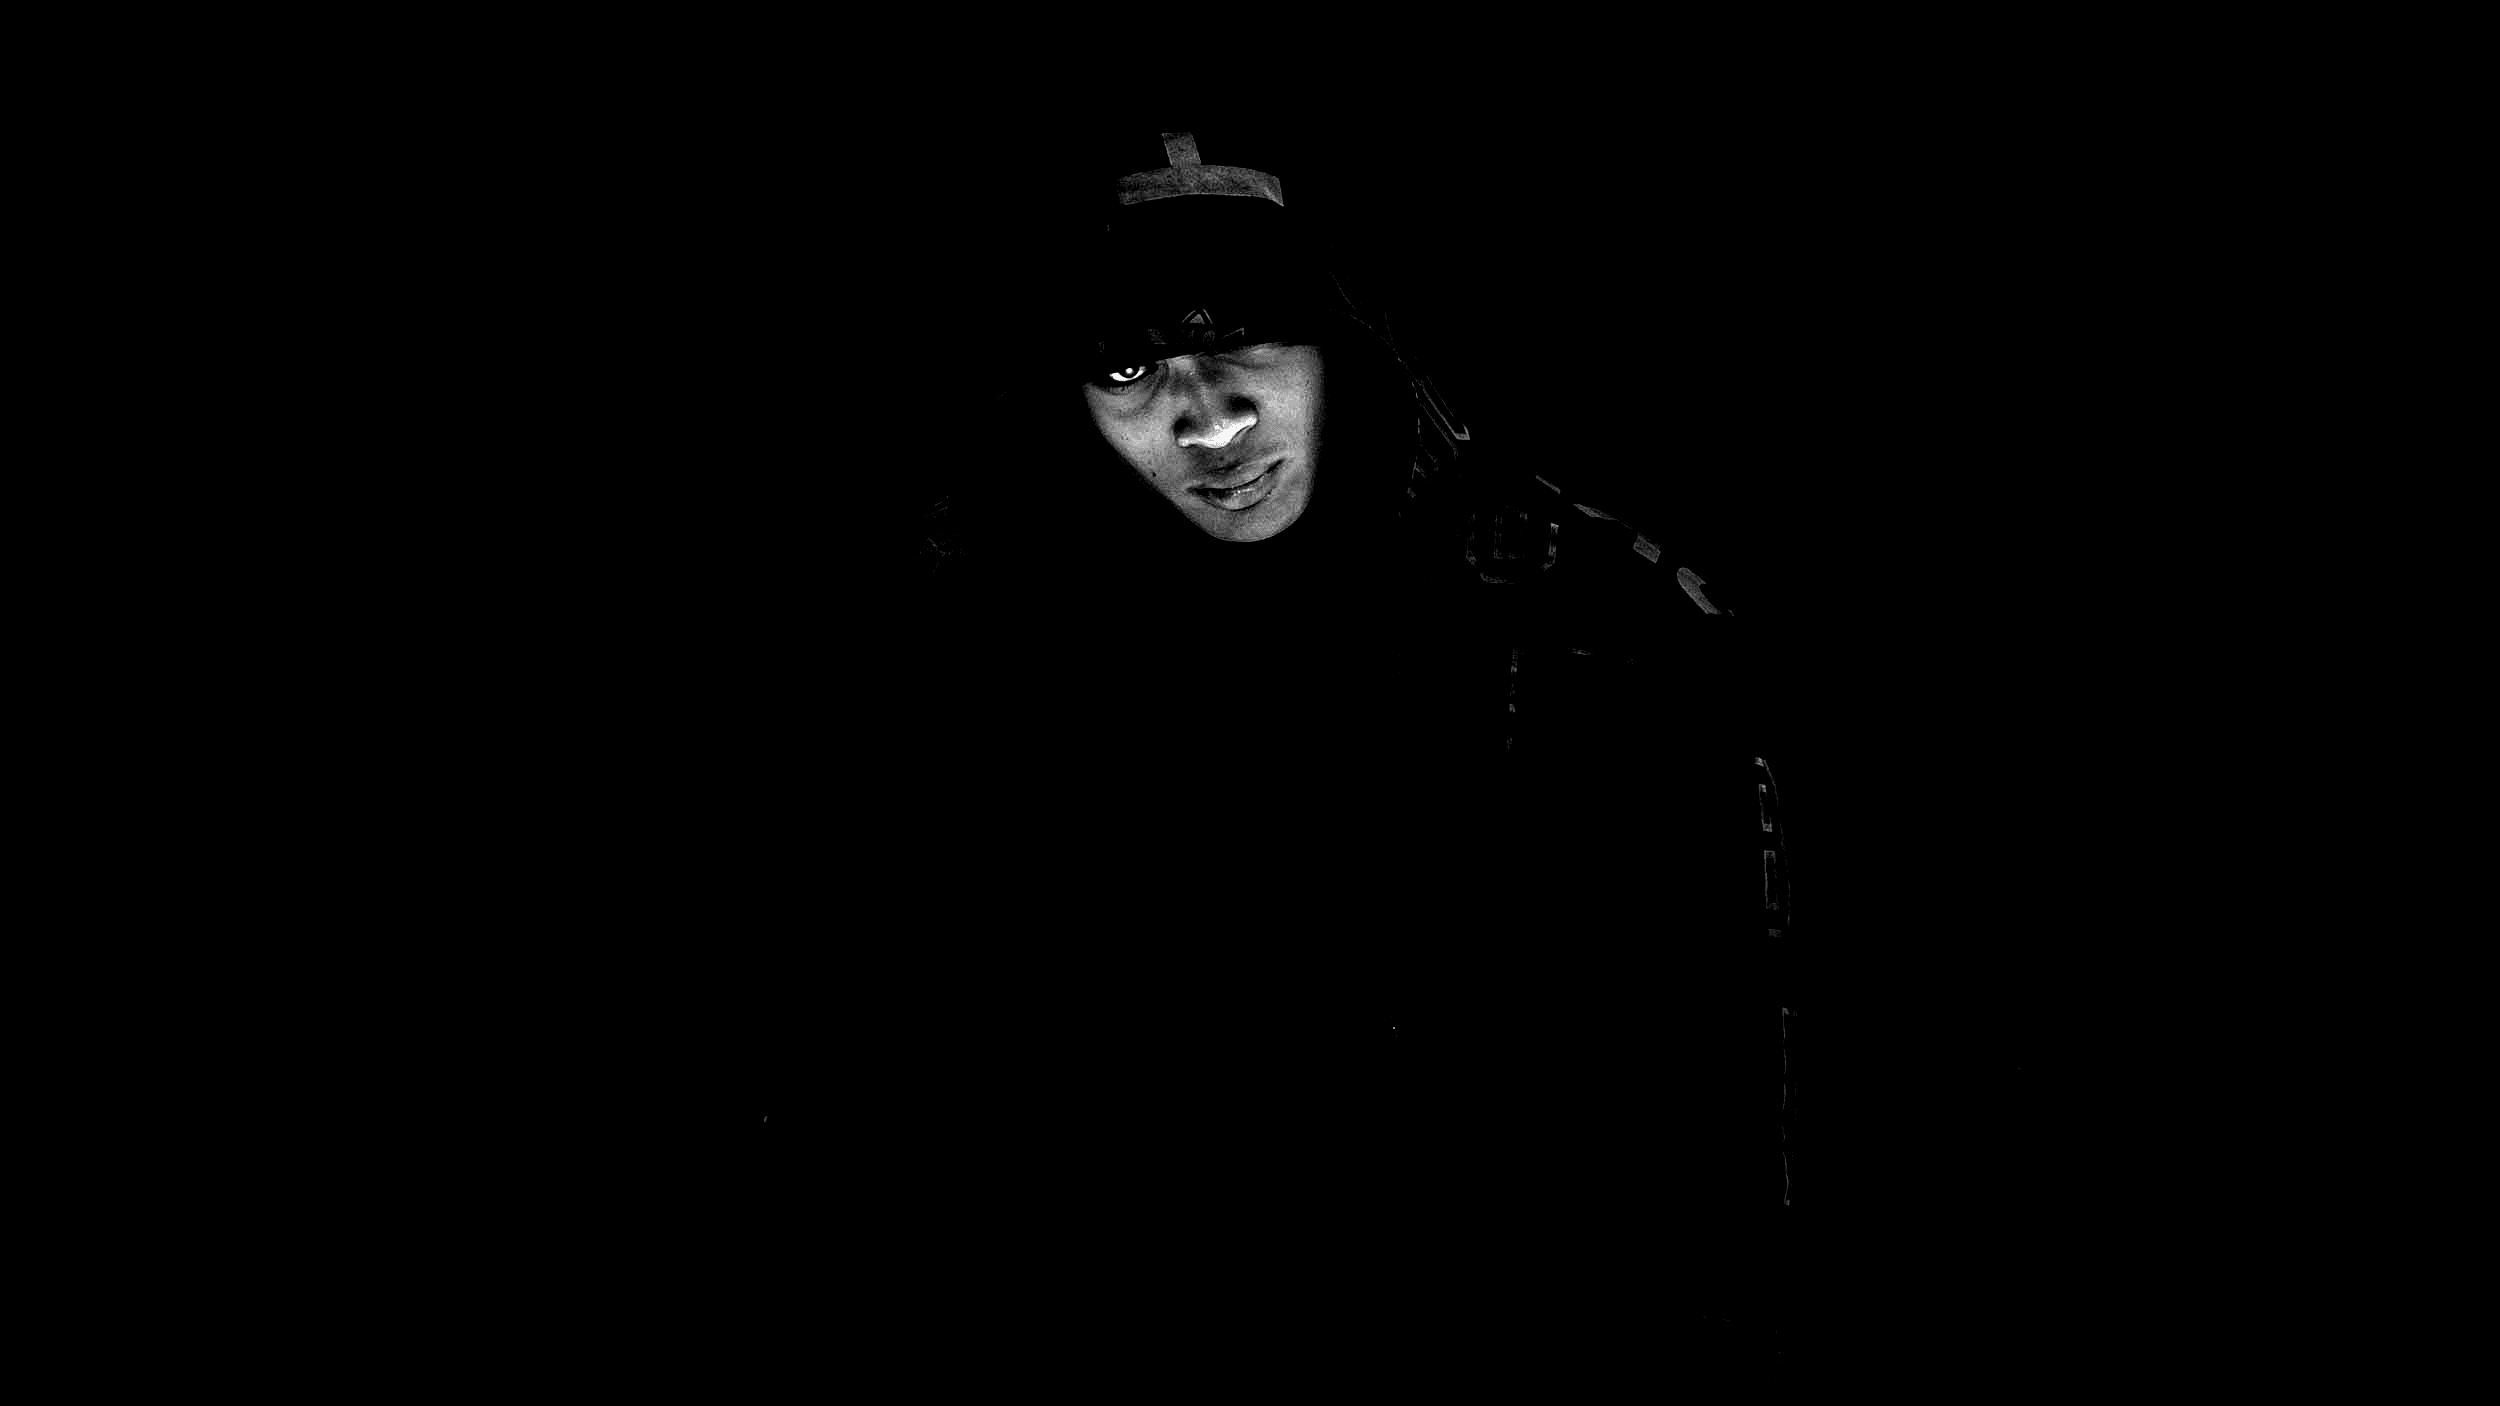 متلازمة نيكتوفيليا.. عندما يصل عشق الليل والظلام إلى حد الاضطراب